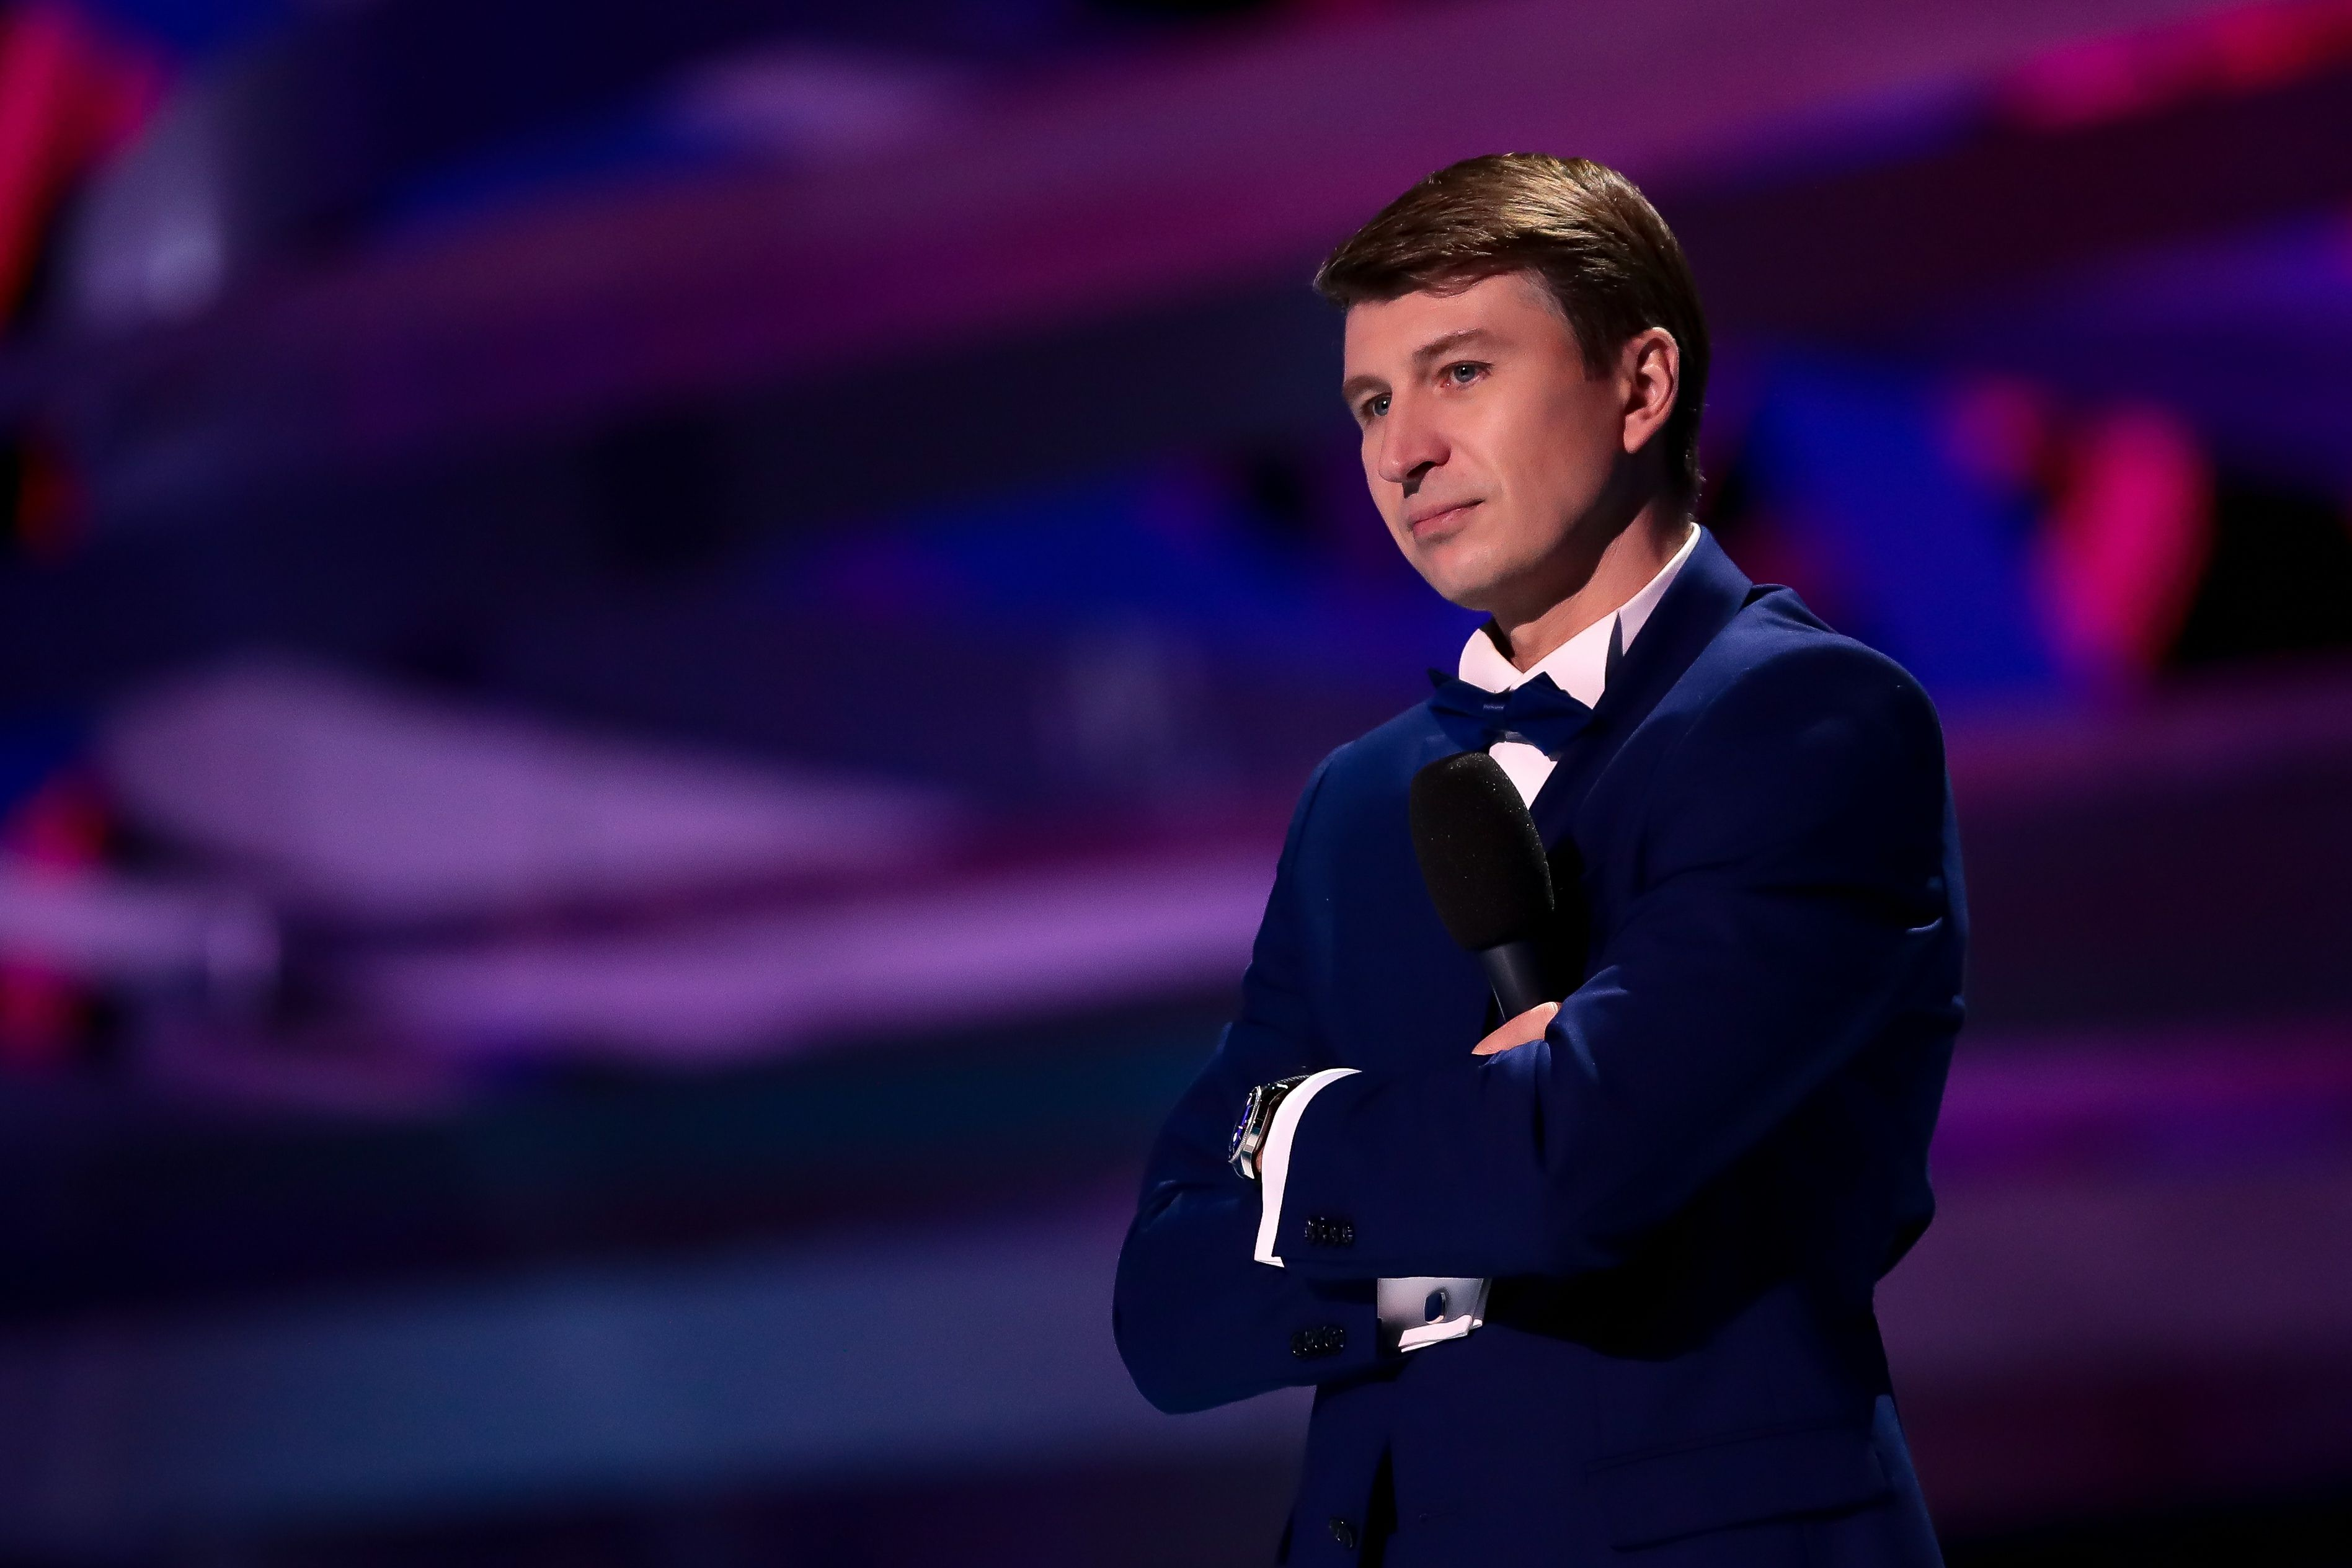 Экс-глава ФФК Петербурга жёстко ответил Ягудину: 'Ты не воин, чтобы с тобой воевать, ты просто клоун'